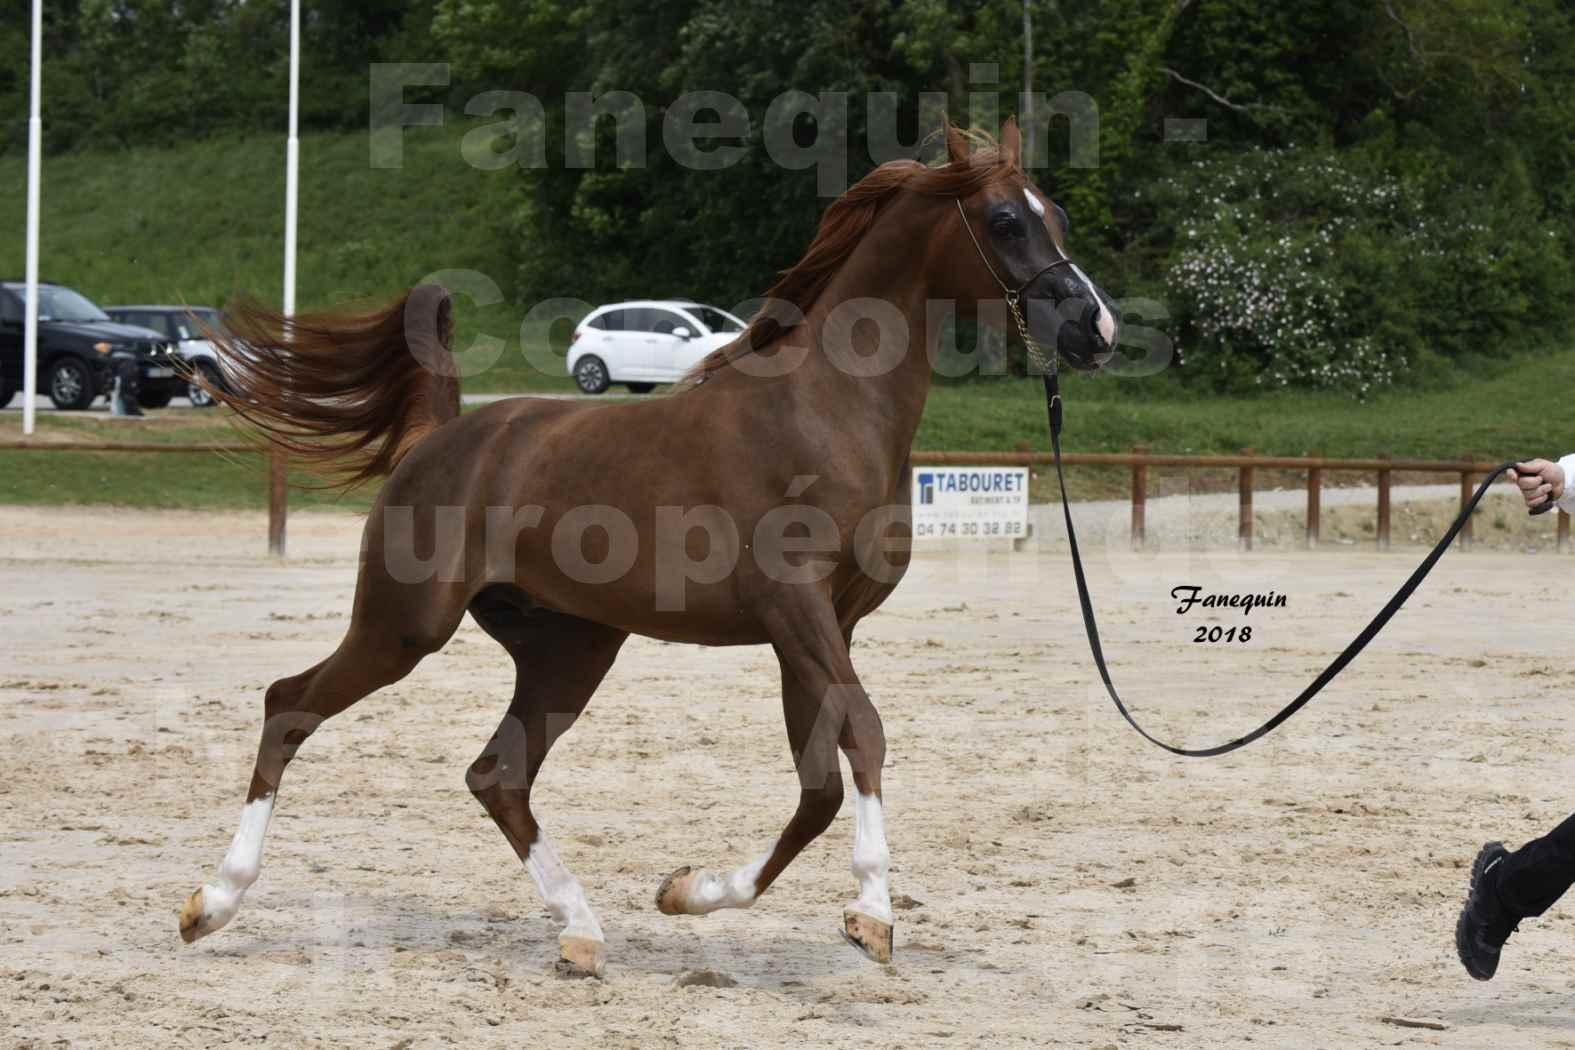 Concours Européen de chevaux Arabes à Chazey sur Ain 2018 - FANTASTIK - Notre Sélection - 2